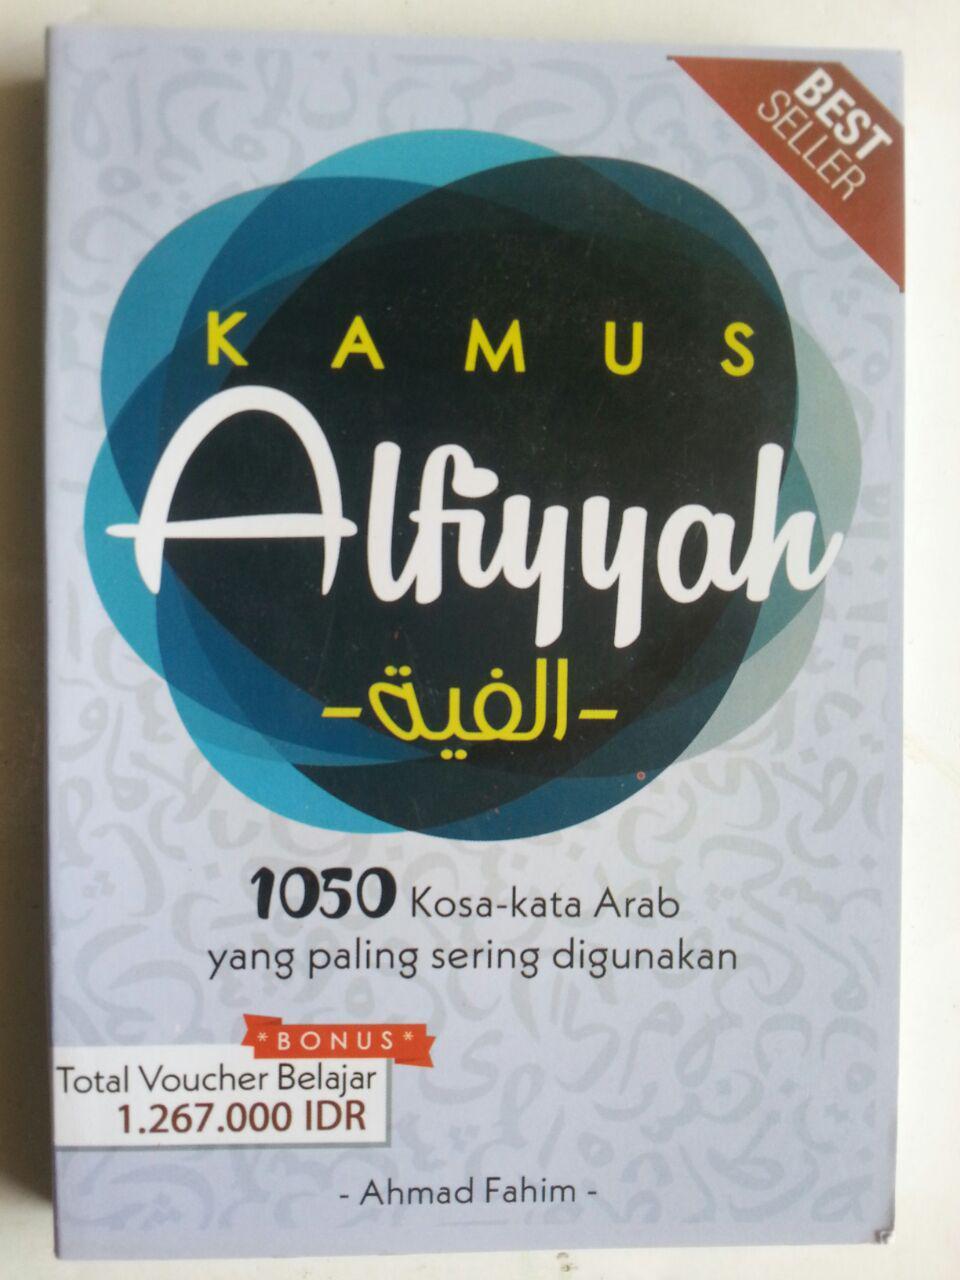 Buku Kamus Alfiyyah 1050 Kosakata Arab Yang Sering Digunakan cover 2